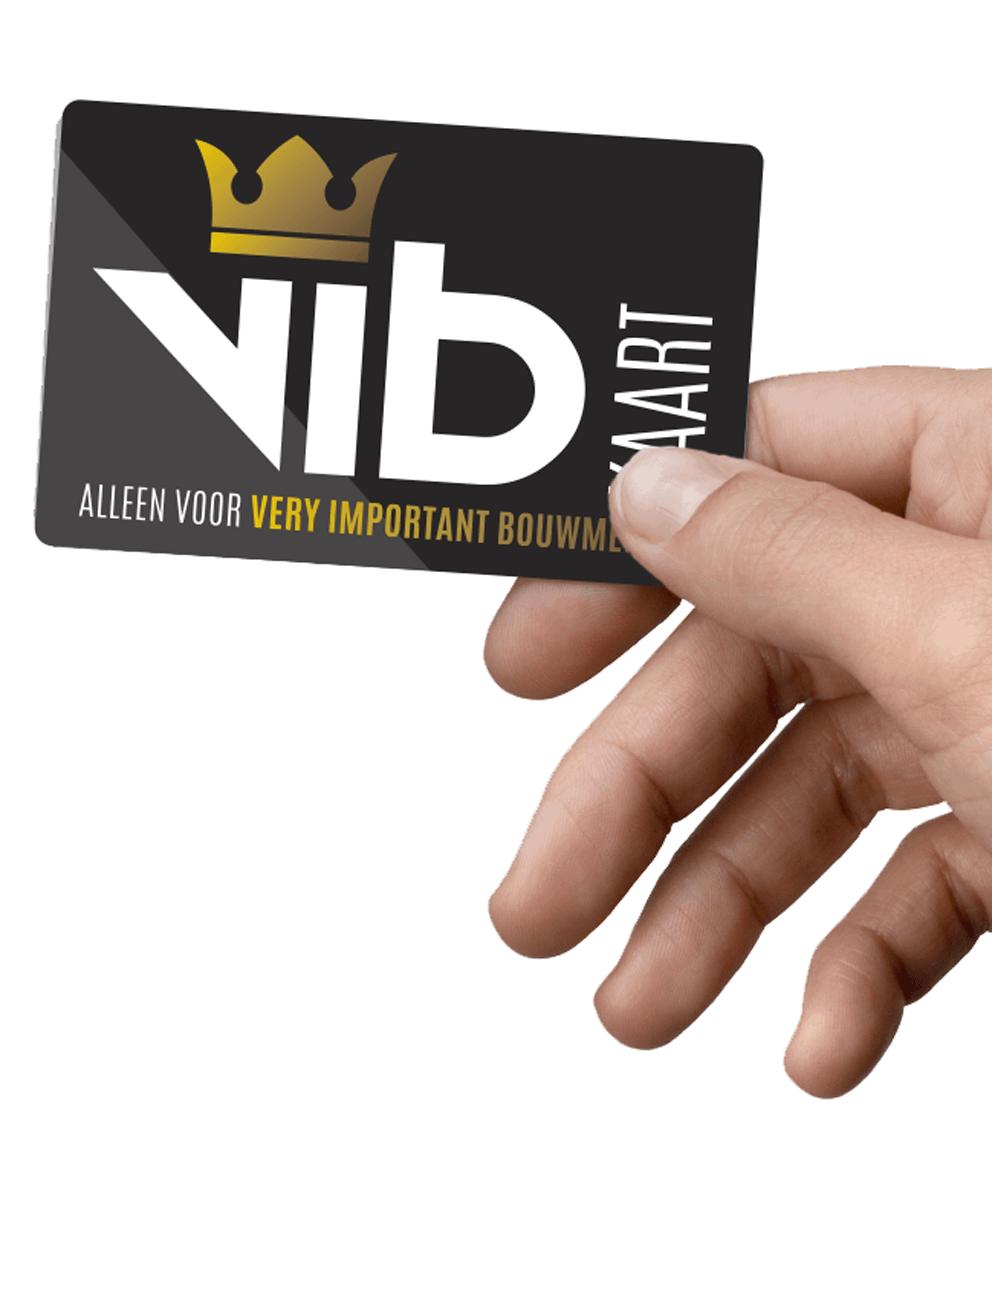 VIBkaart ontwikkeld door Kneh Creatief